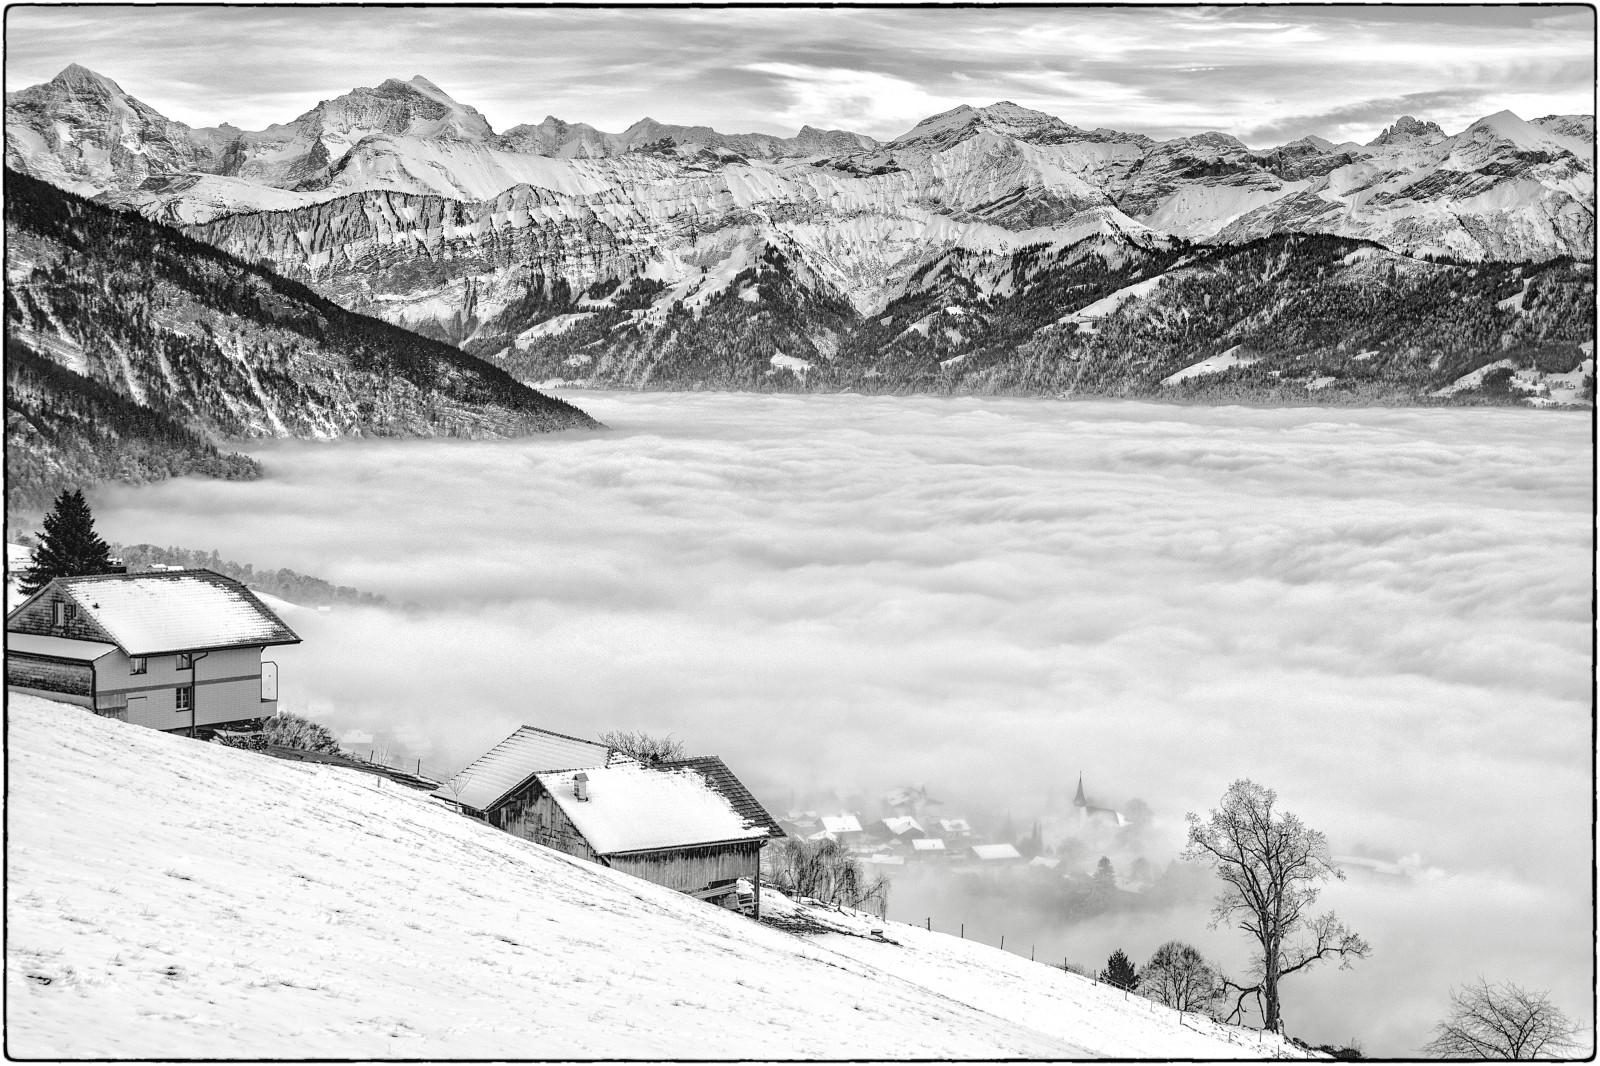 fond d 39 cran paysage dessin montagnes monochrome neige hiver la photographie alpes. Black Bedroom Furniture Sets. Home Design Ideas